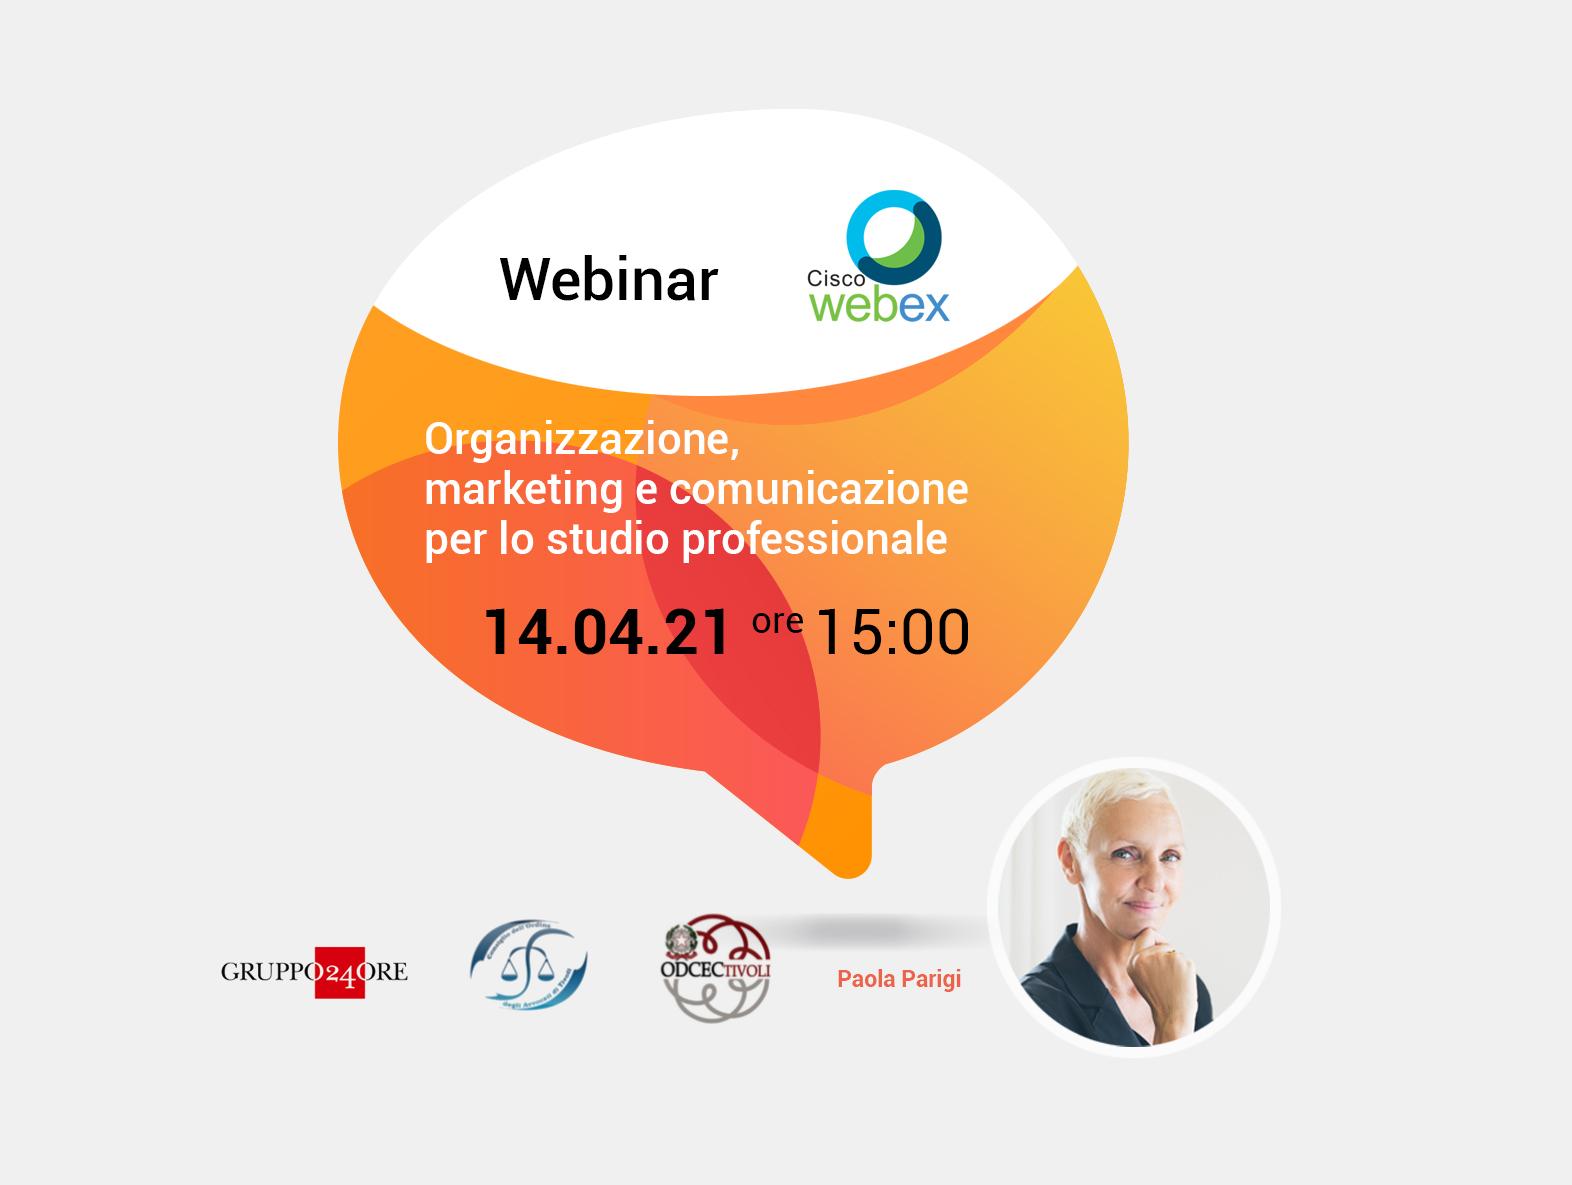 Webinar organizzazione marketing e comunicazione per lo studio professionale del 14.04.21